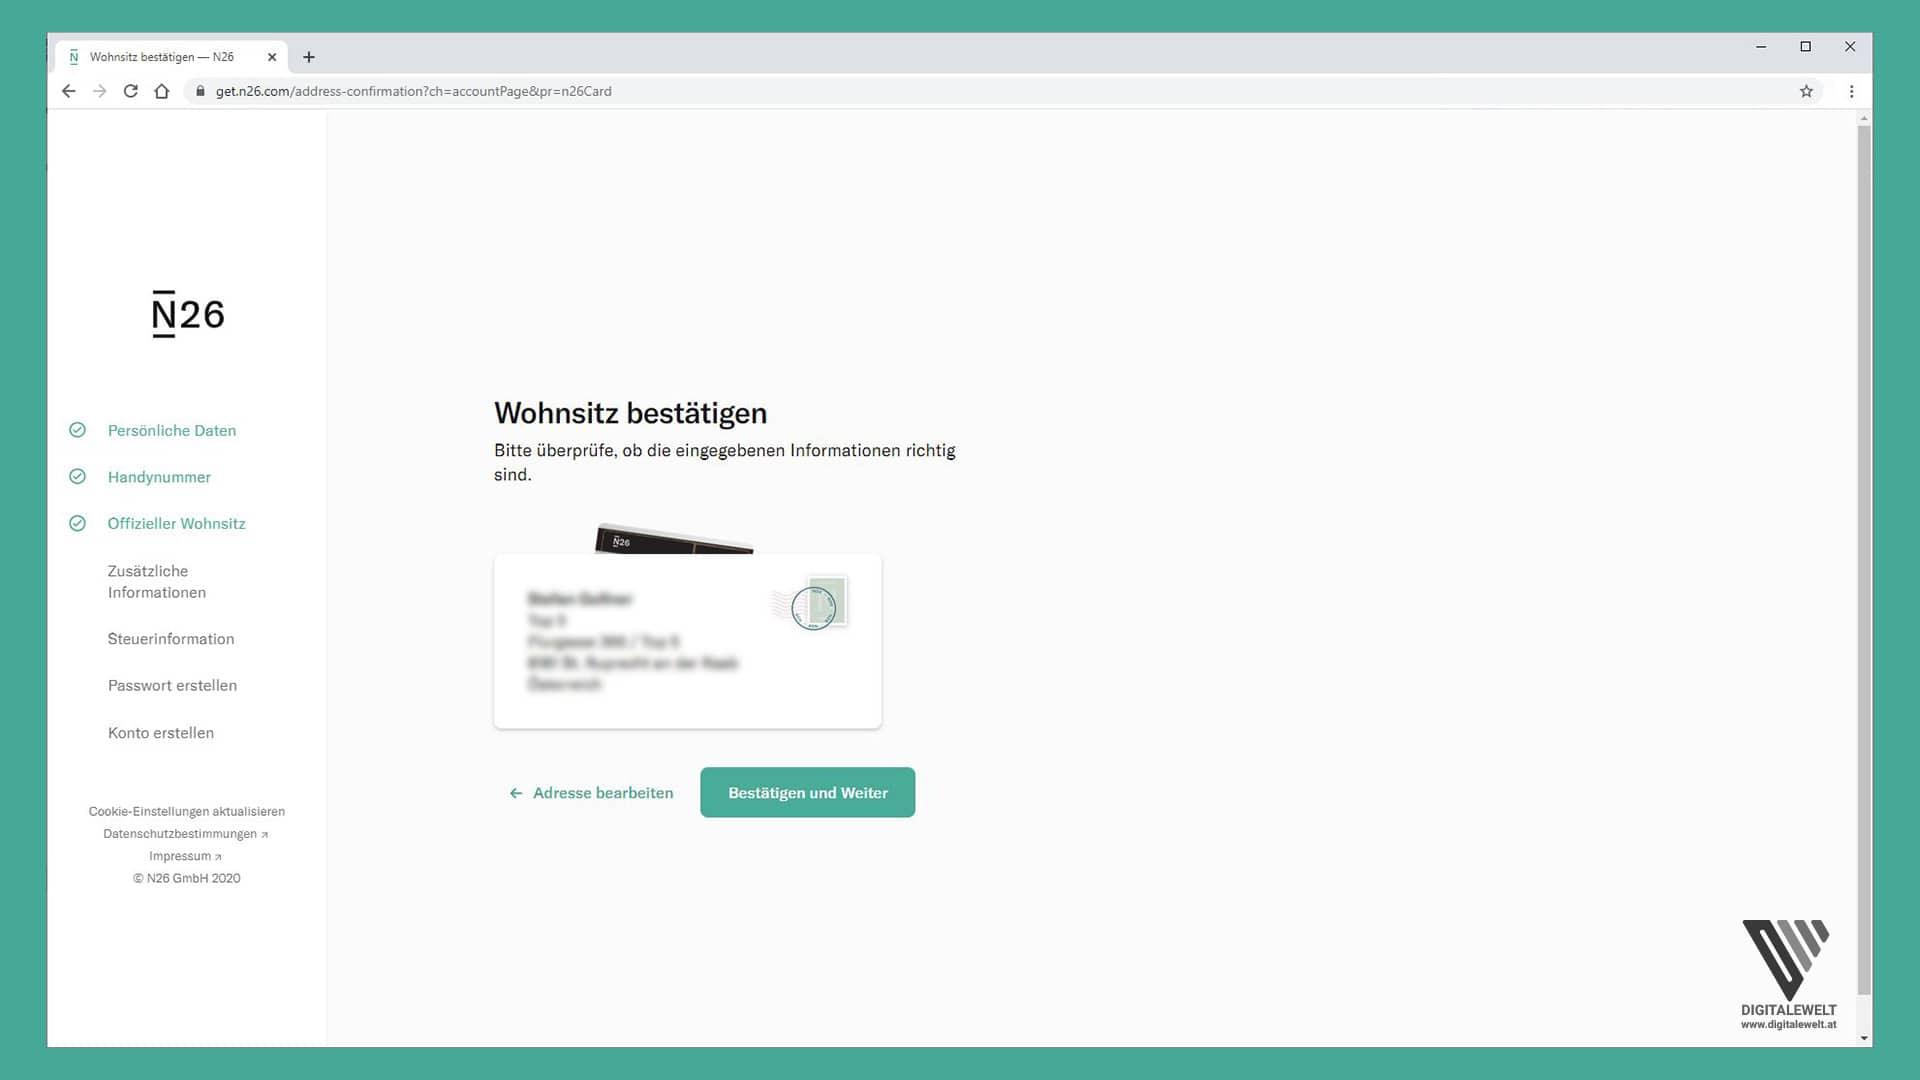 N26 Konto eröffnen - Wohnsitz prüfen und bestätigen - digitalewelt.at